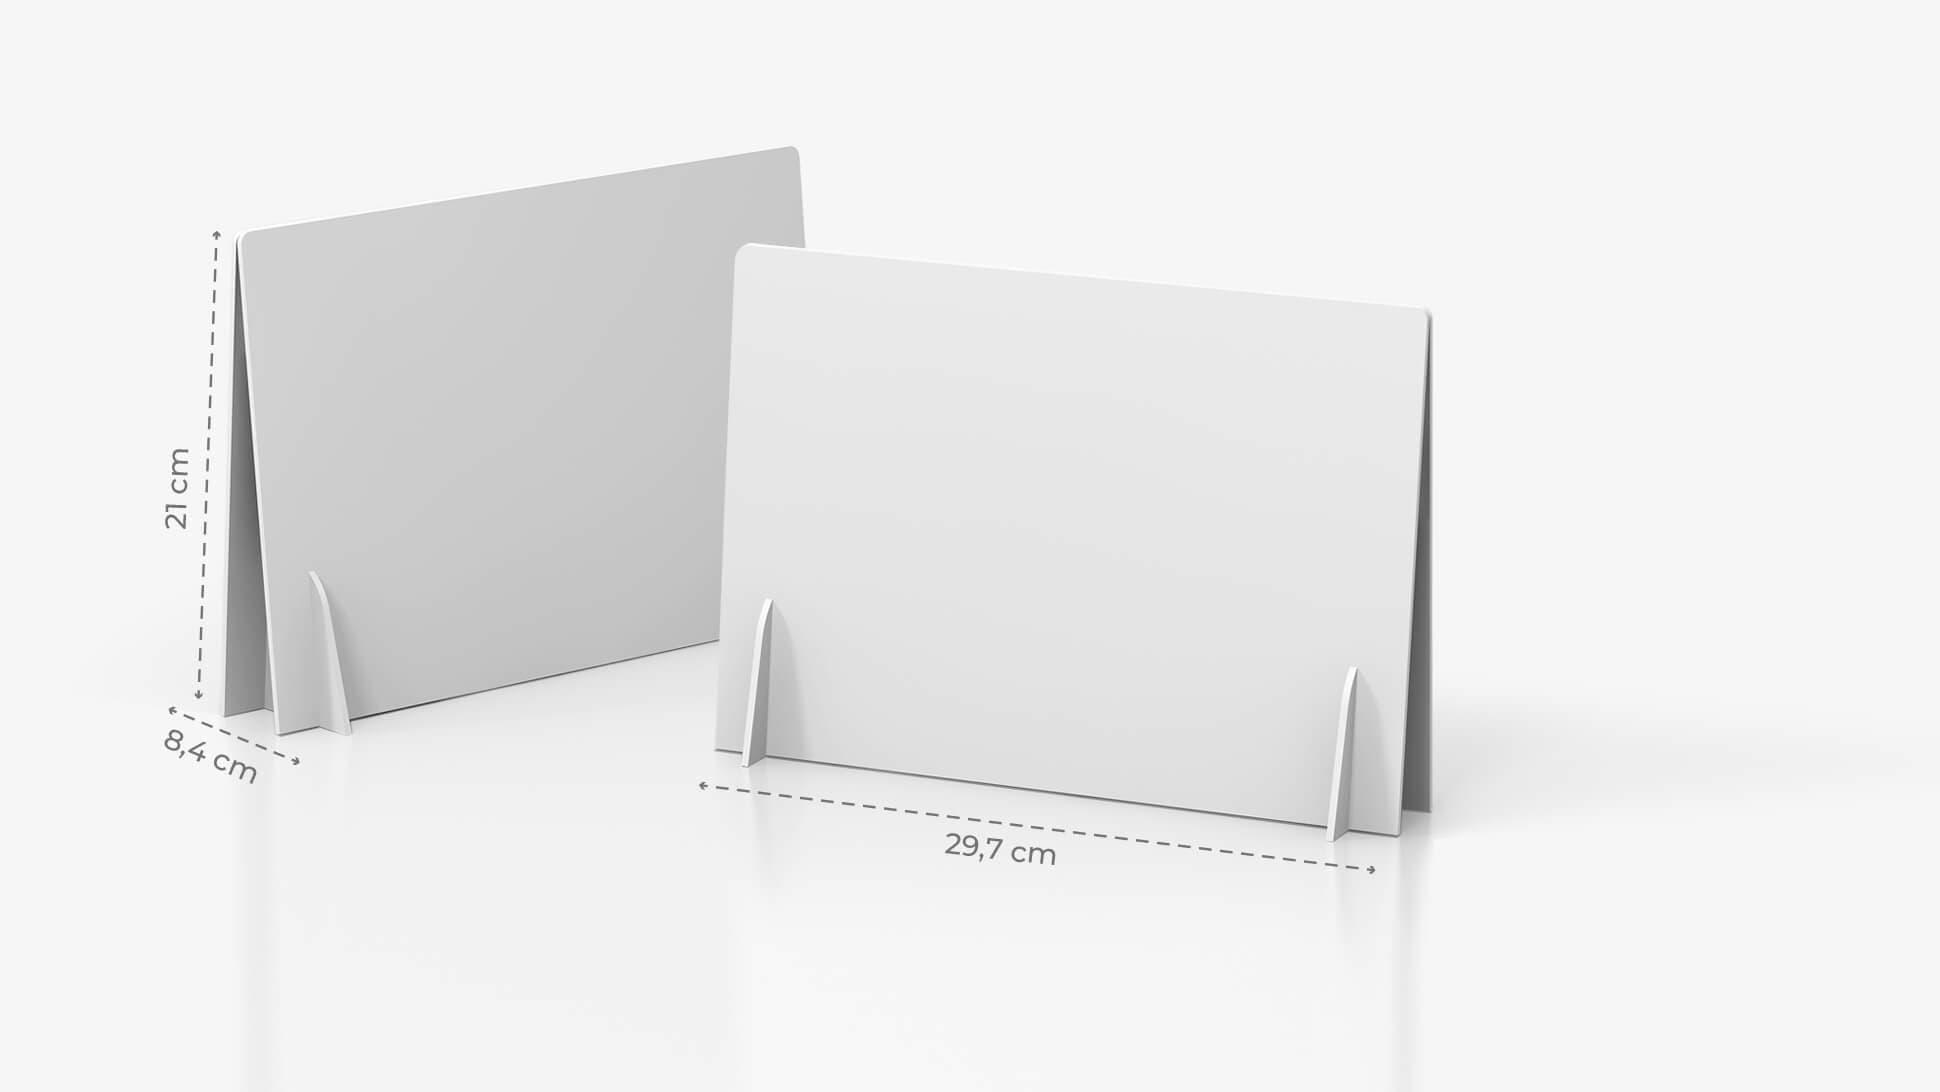 Display doppio A4 orizzontale personalizzabile | tictac.it